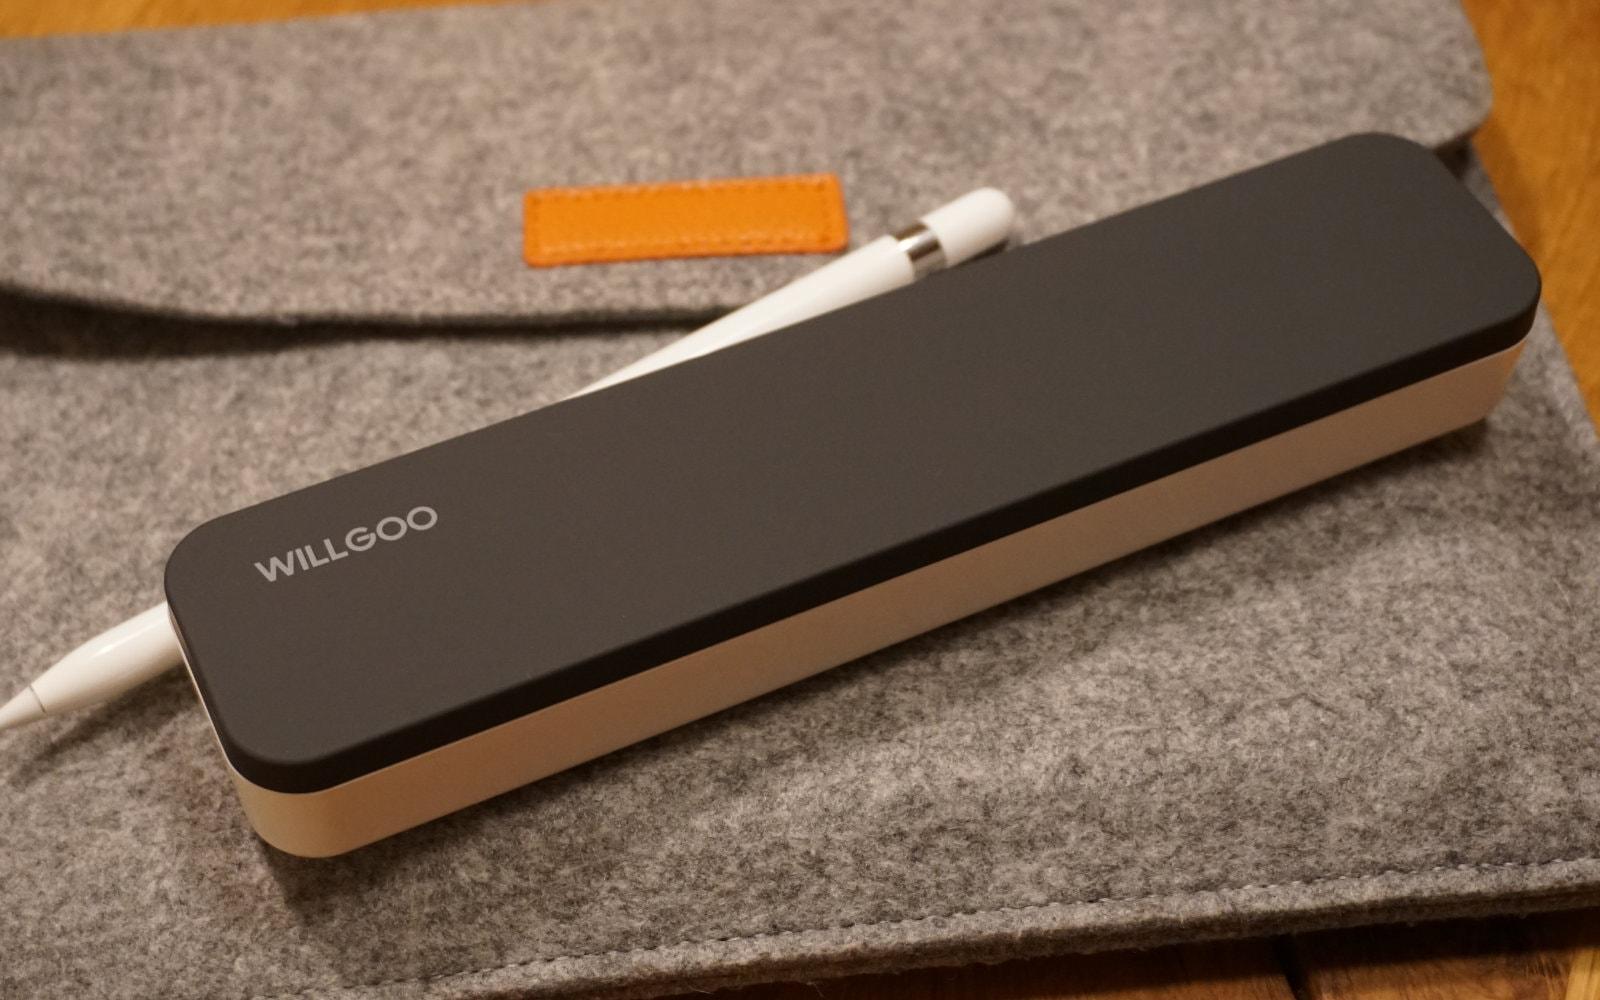 WILLGOOキャリングケース、Apple Pencilとフェルトケースに入ったiPad